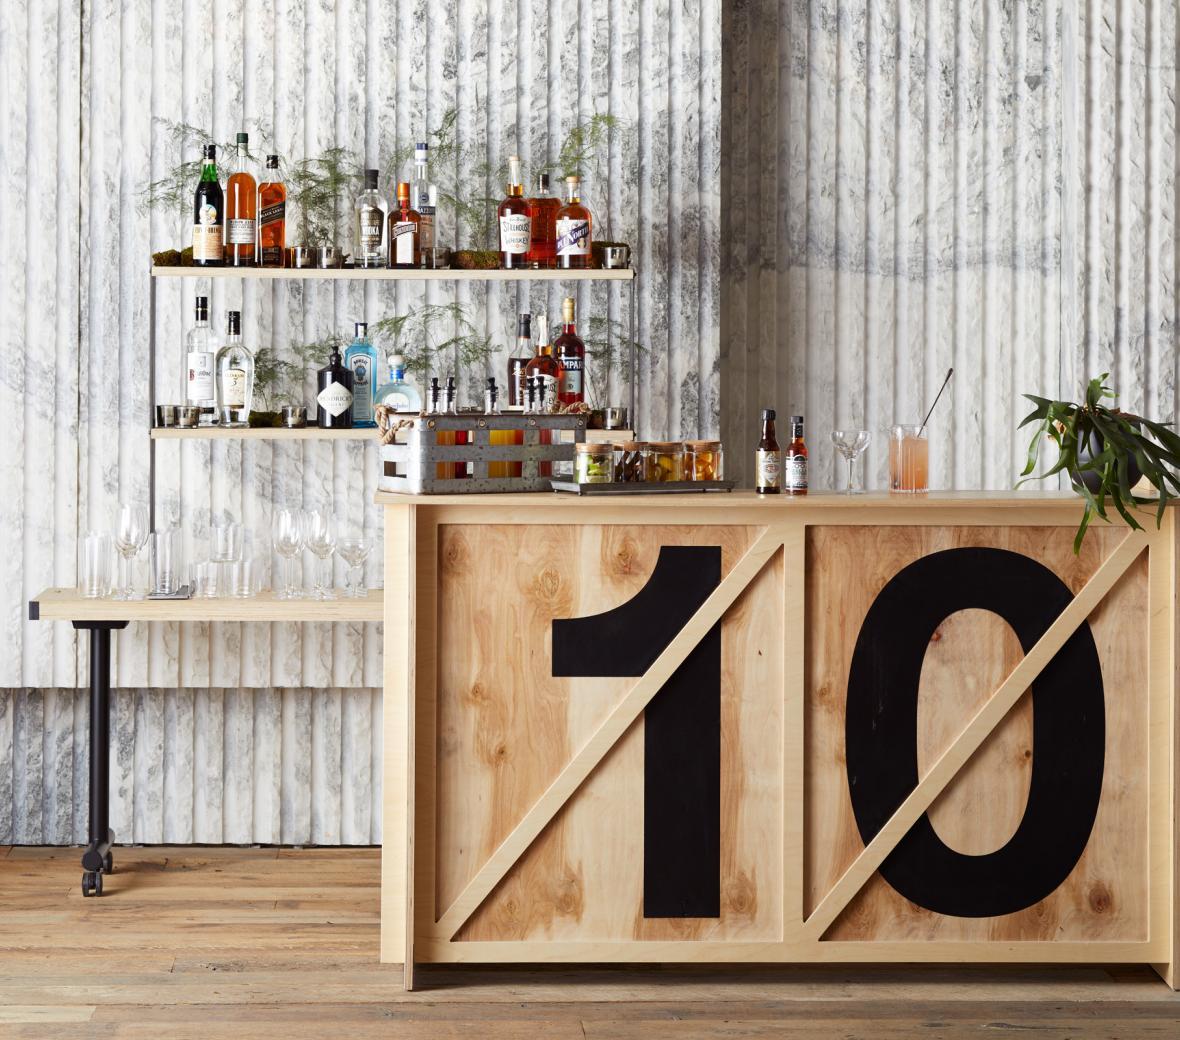 10 bar set up at Meadow Rue bar